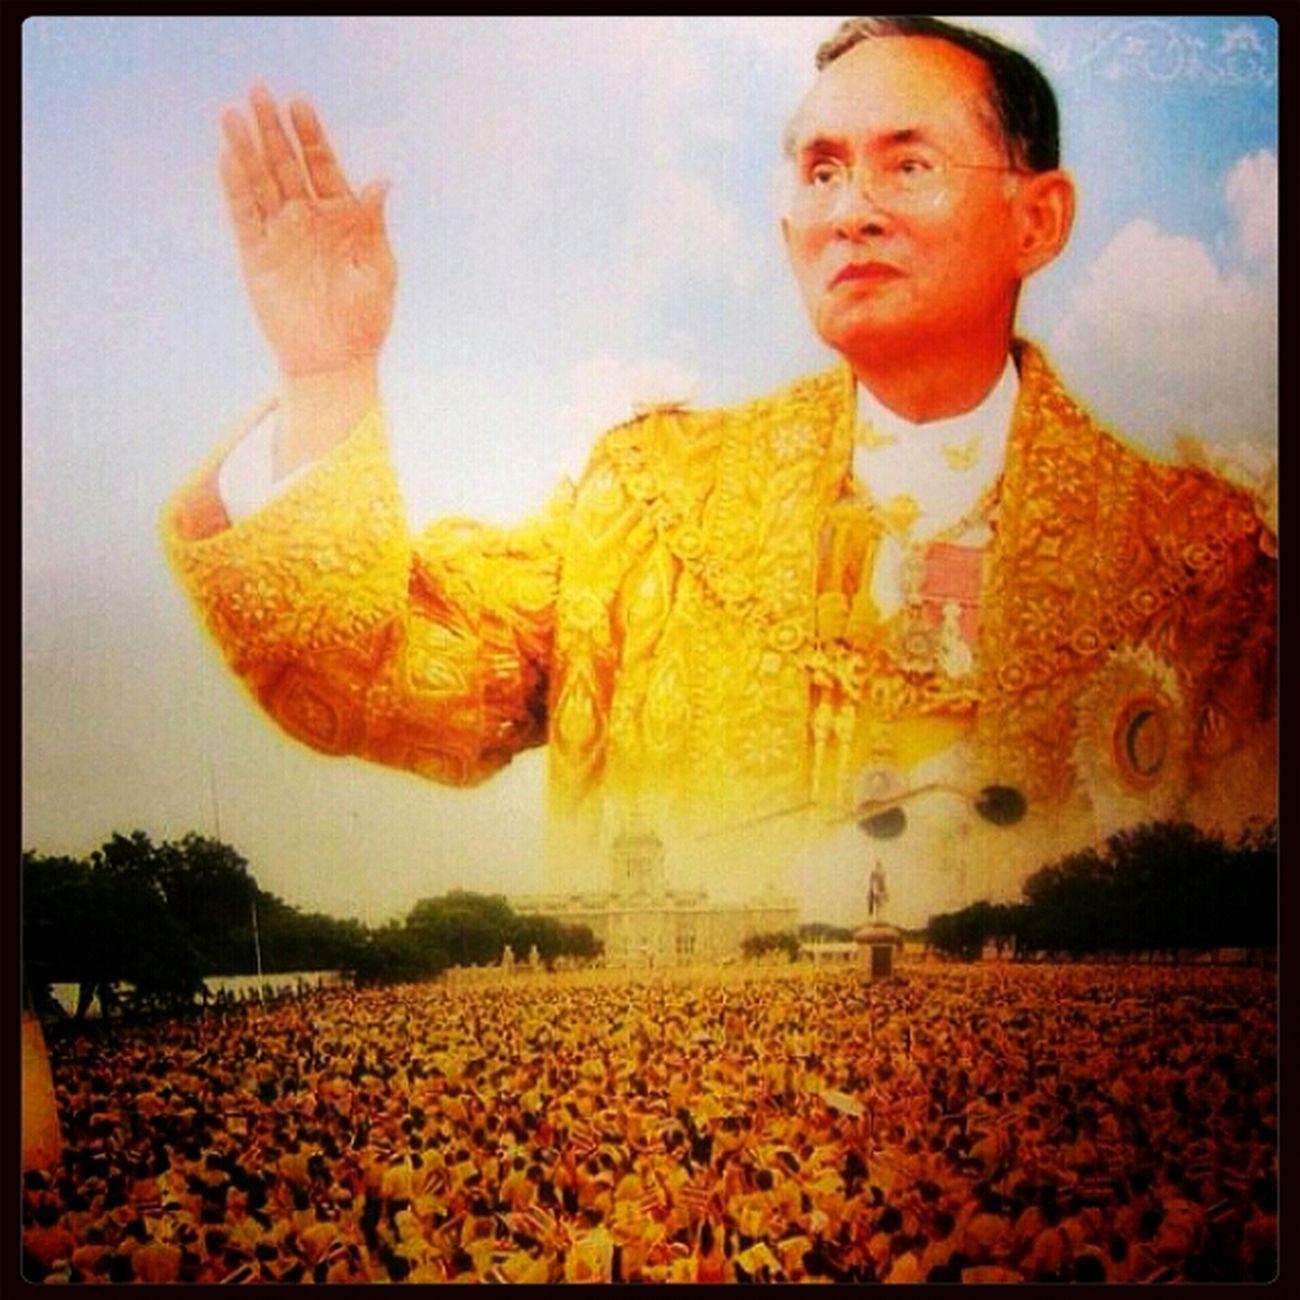 กูรักในหลวงโว๊ยยย!!!!! I LOVE MY KING Long Live The King King Of Thailand เรารักในหลวง